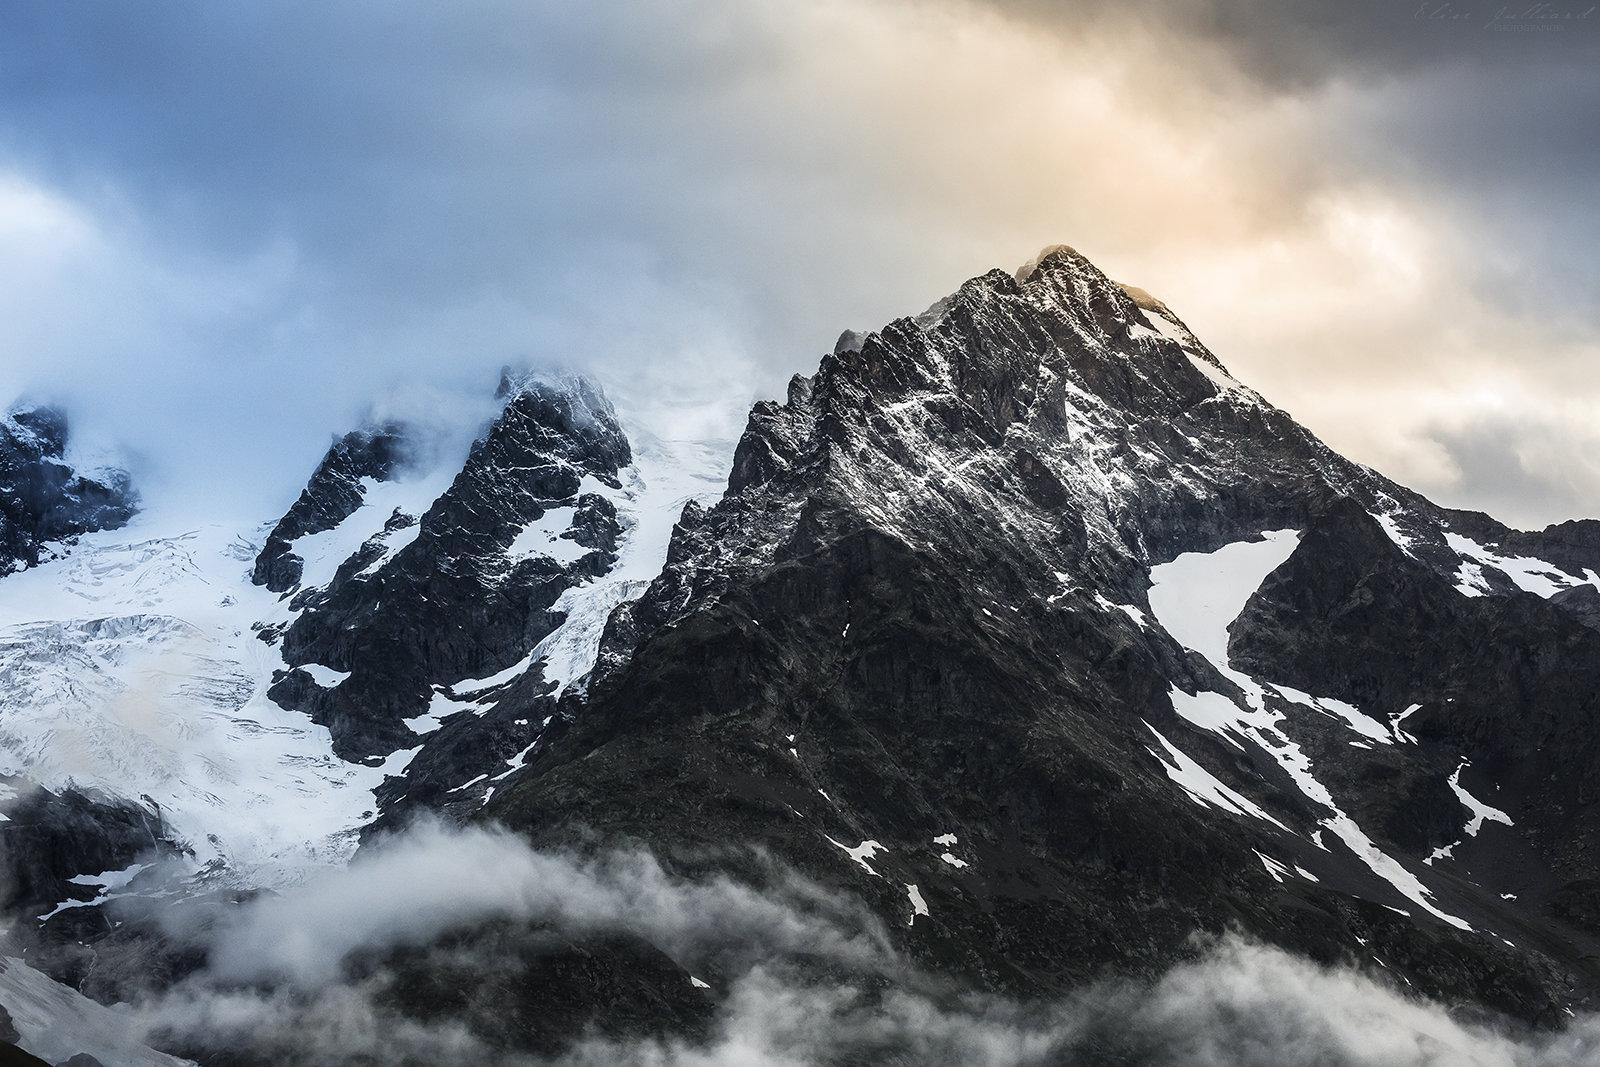 col-du-lautaret-glacier-meije-ecrins-paysage-hautes-alpes-montagne-la-grave-briancon-serre-chevalier-elise-julliard-photographe